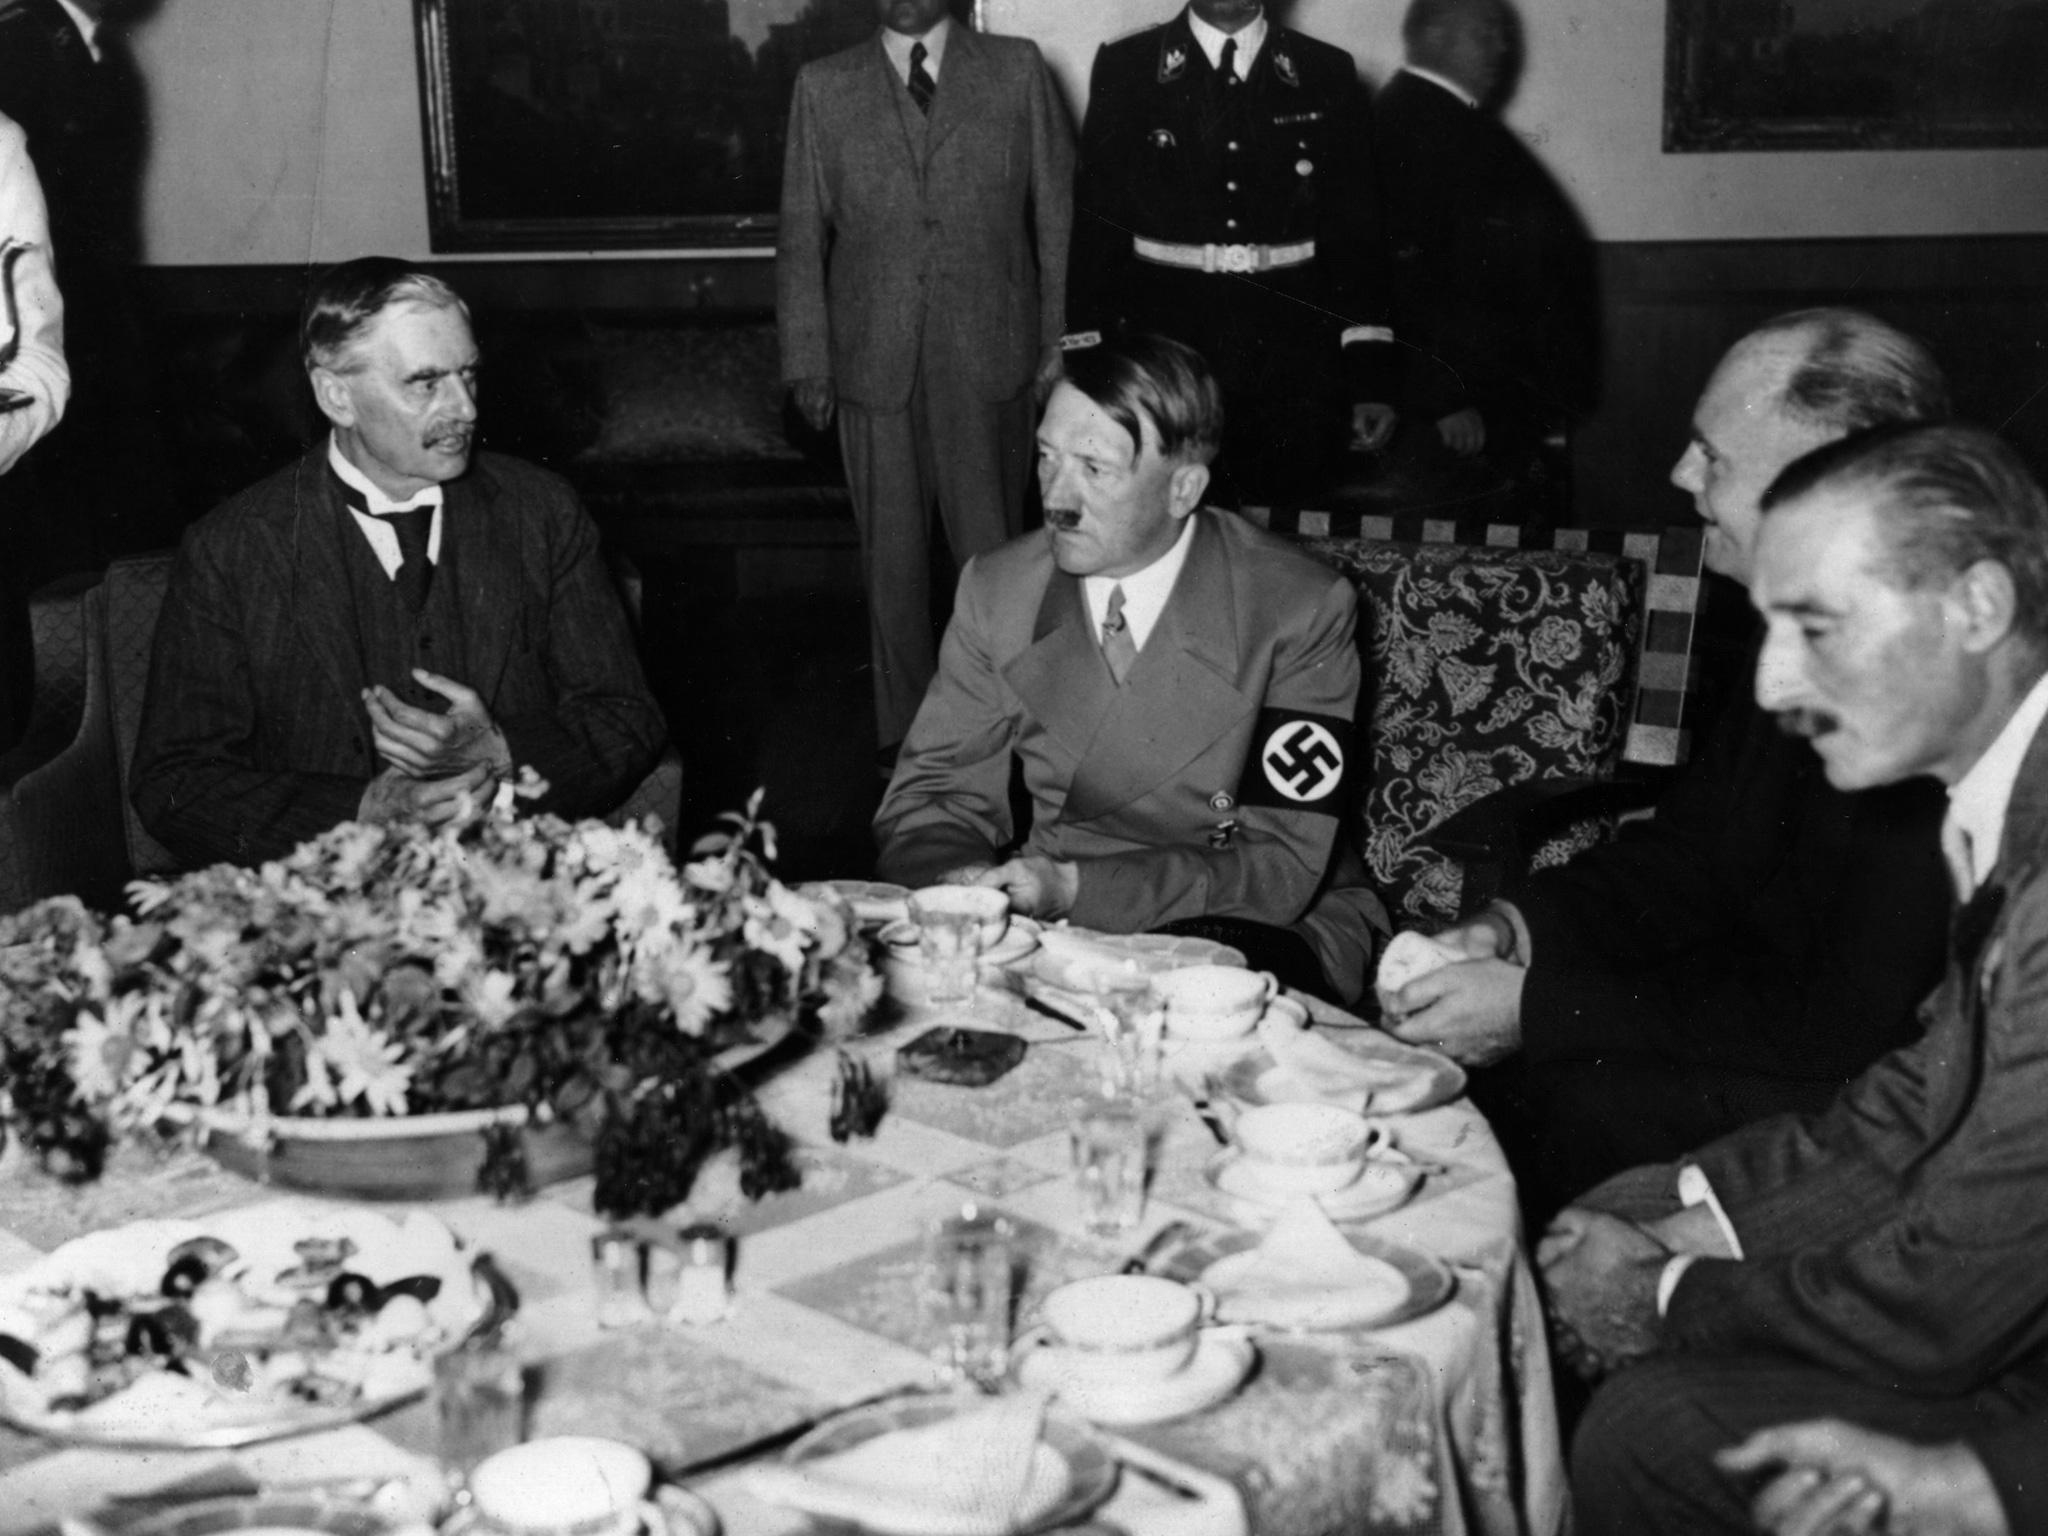 La dieta de los dictadores: ¿dime qué comes y te diré cómo oprimes a tu pueblo?